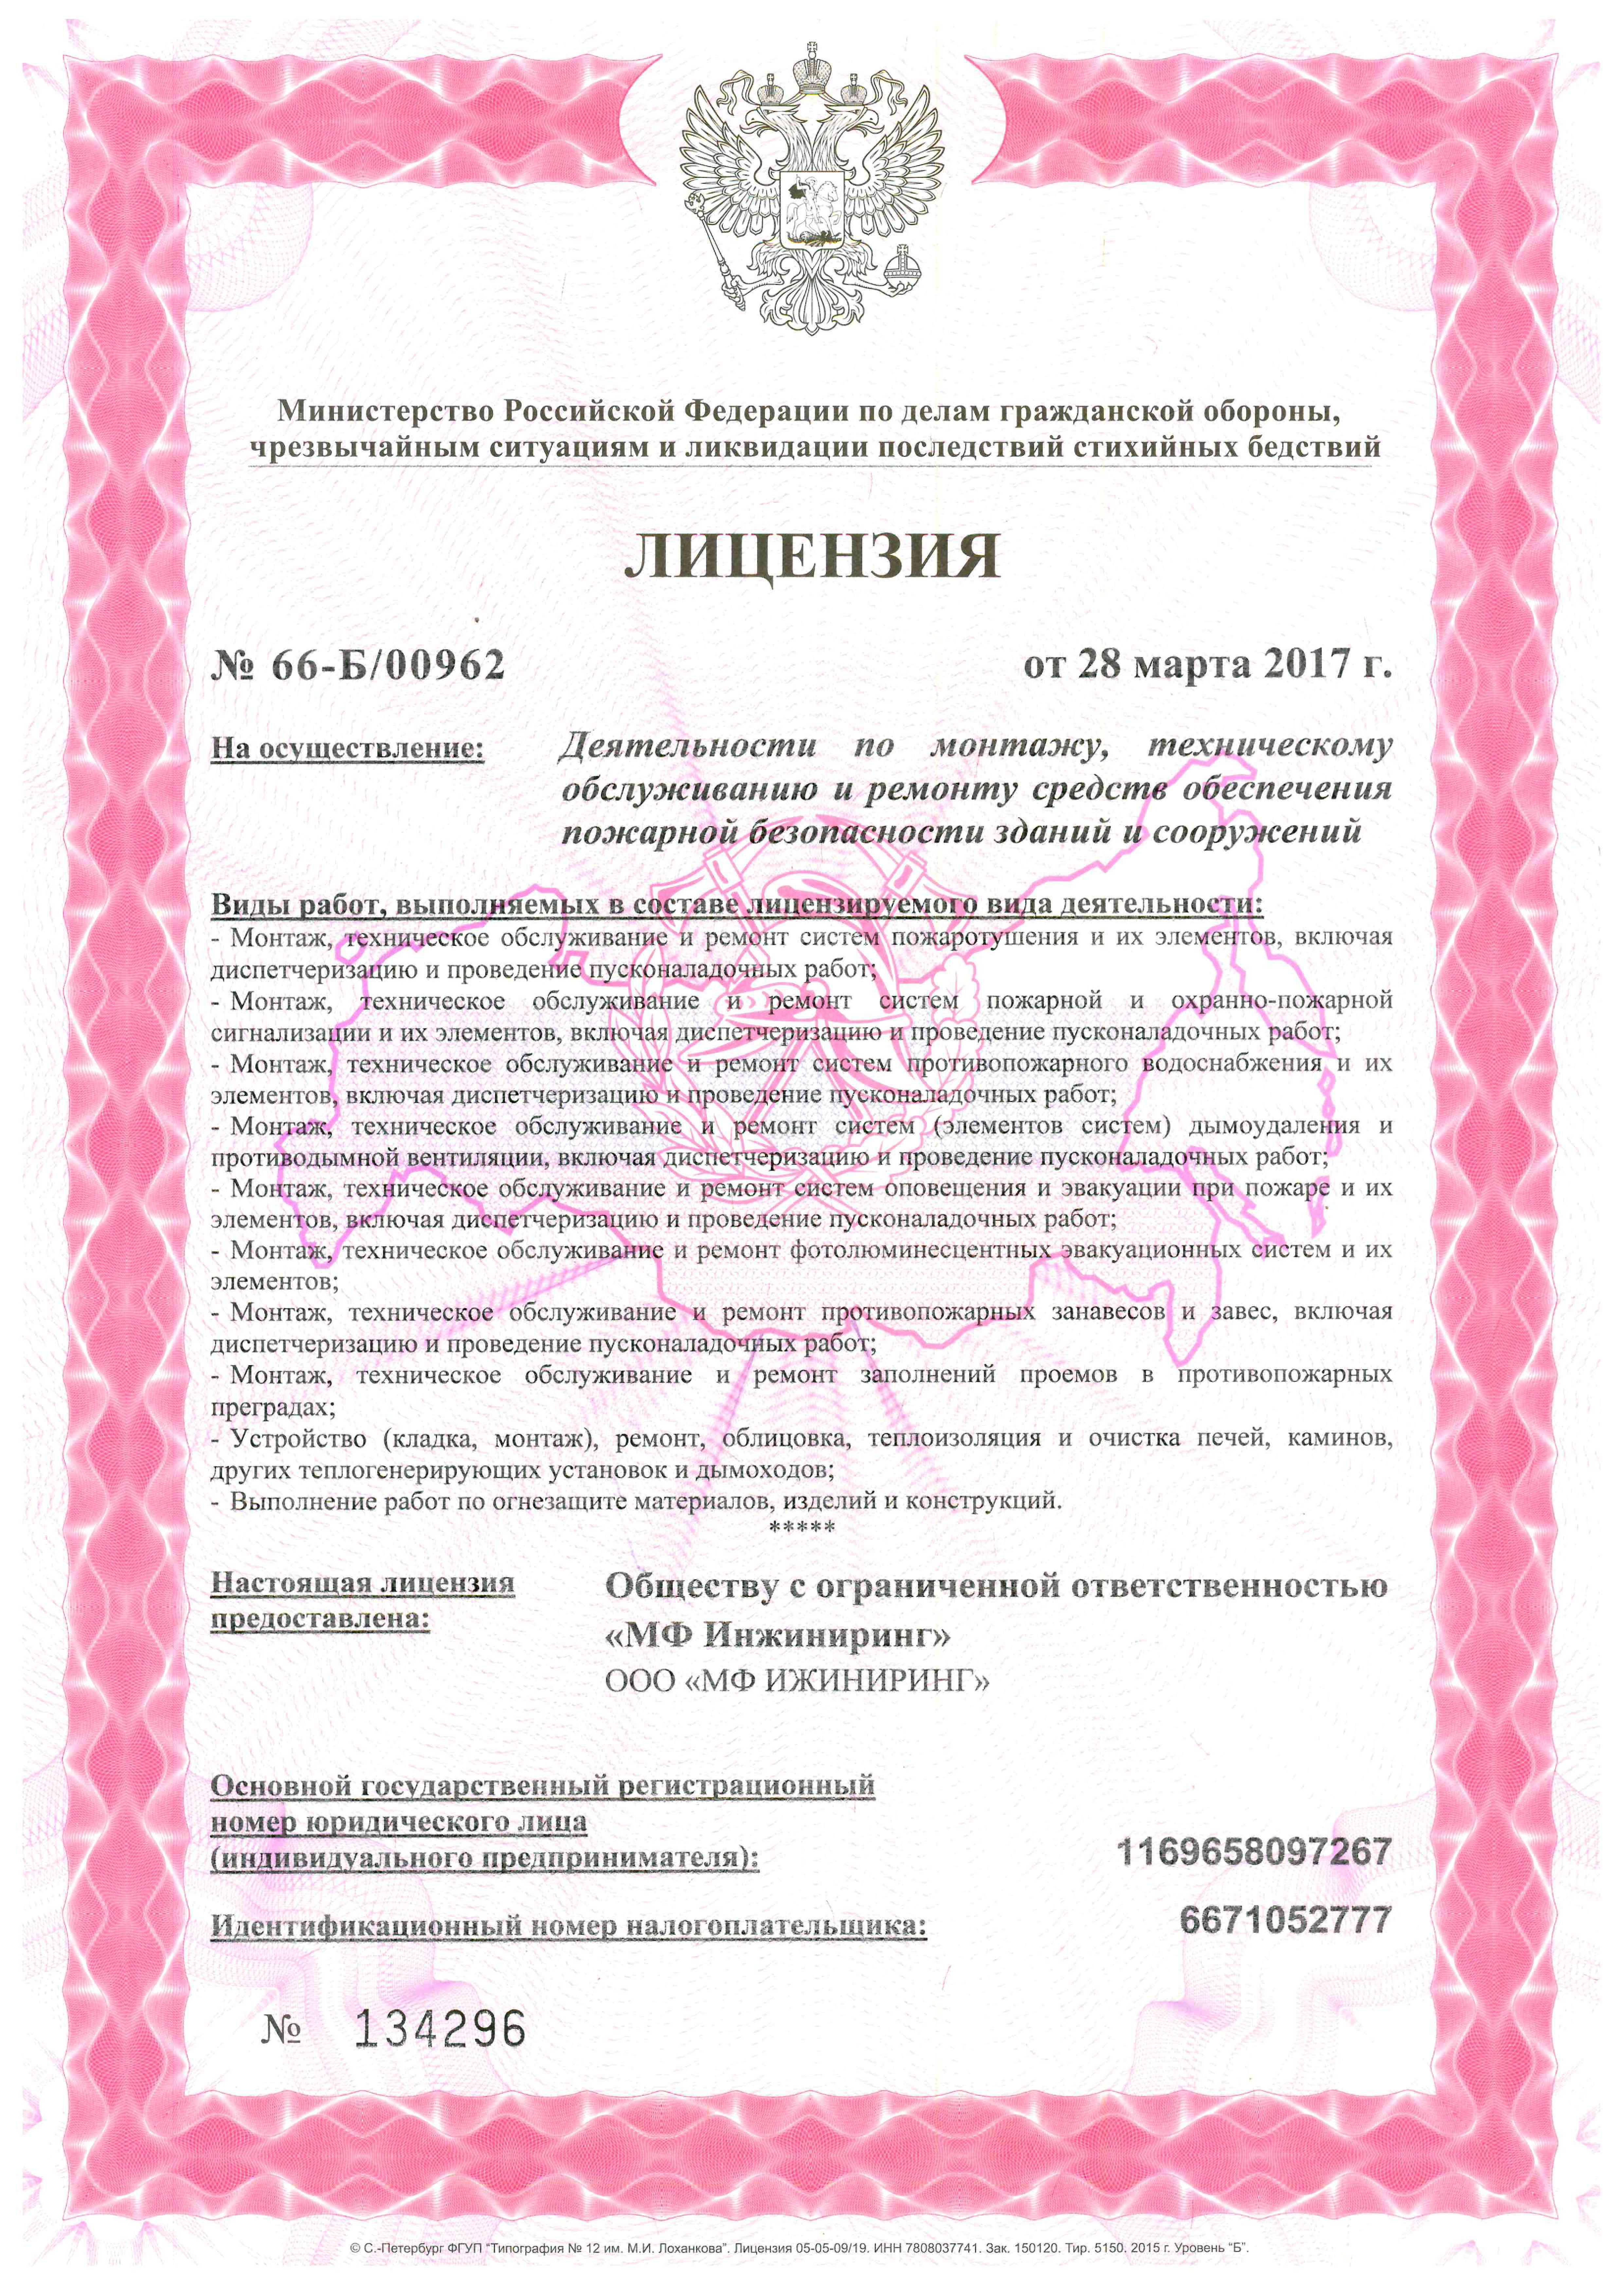 ЛицензияМЧС1